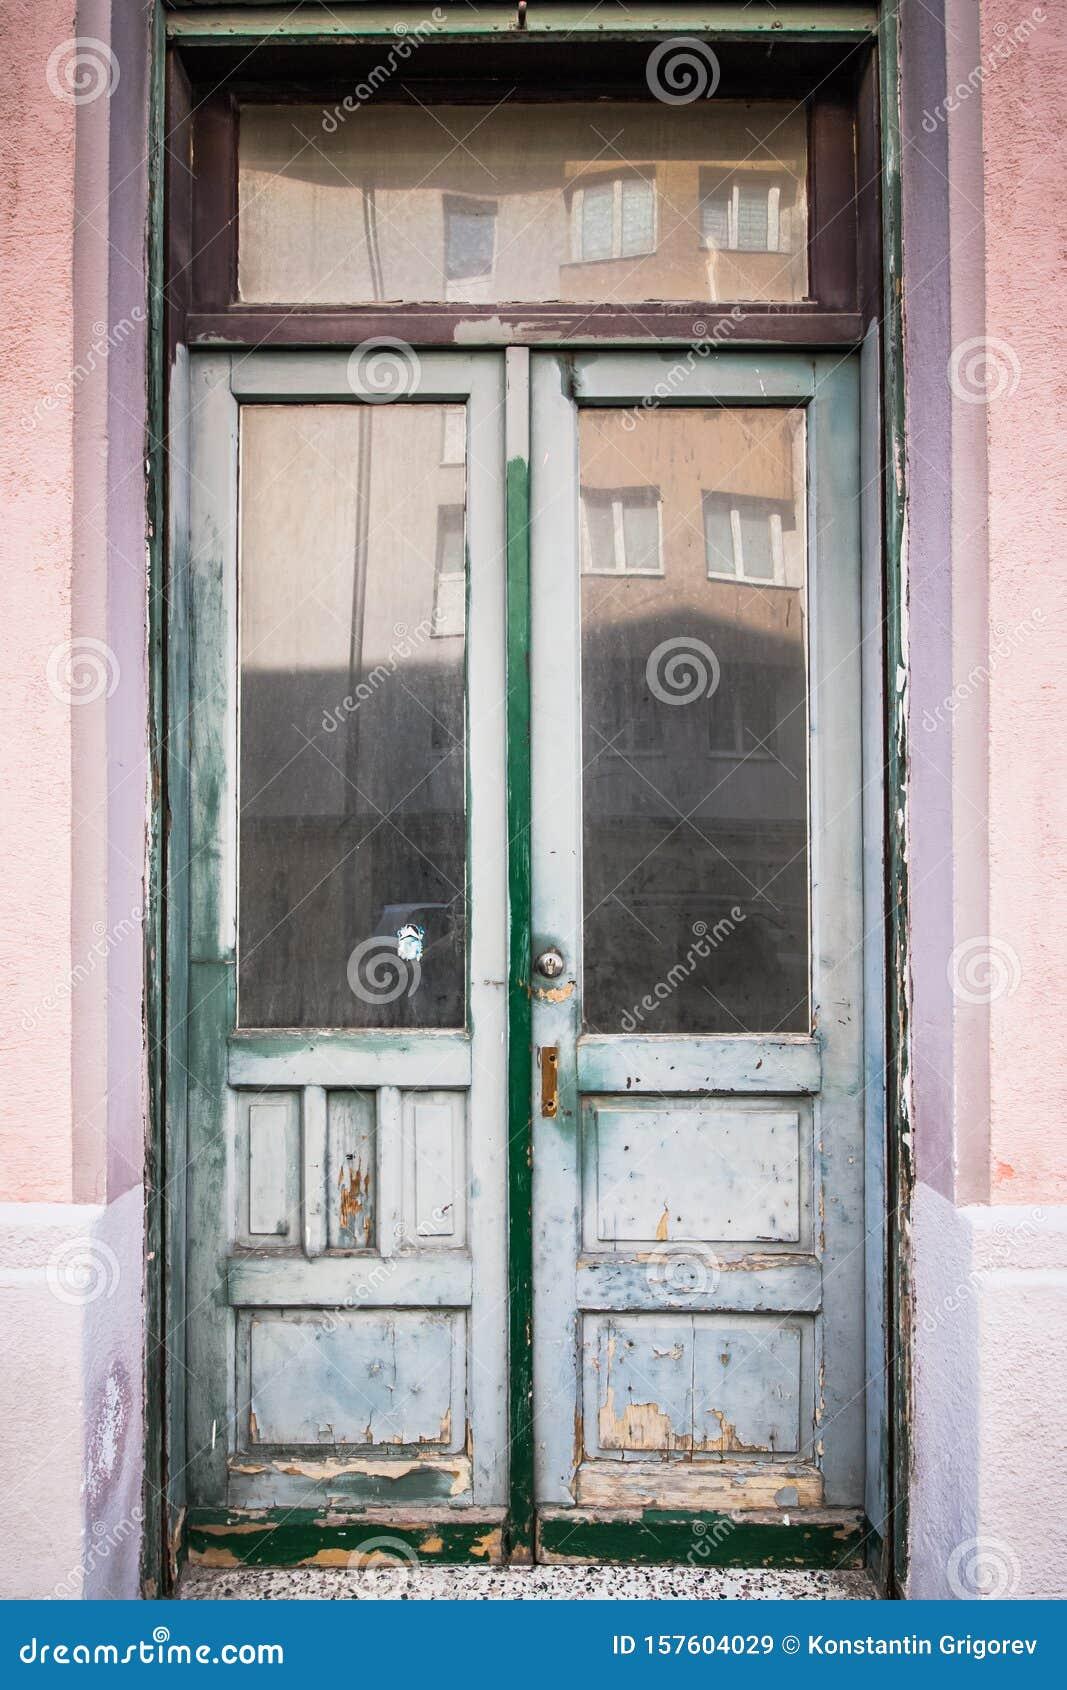 Wooden Door With Glass White Front Door In Old Abandoned Facade Weathered Double Wooden Door Stock Image Image Of Interior Keystone 157604029